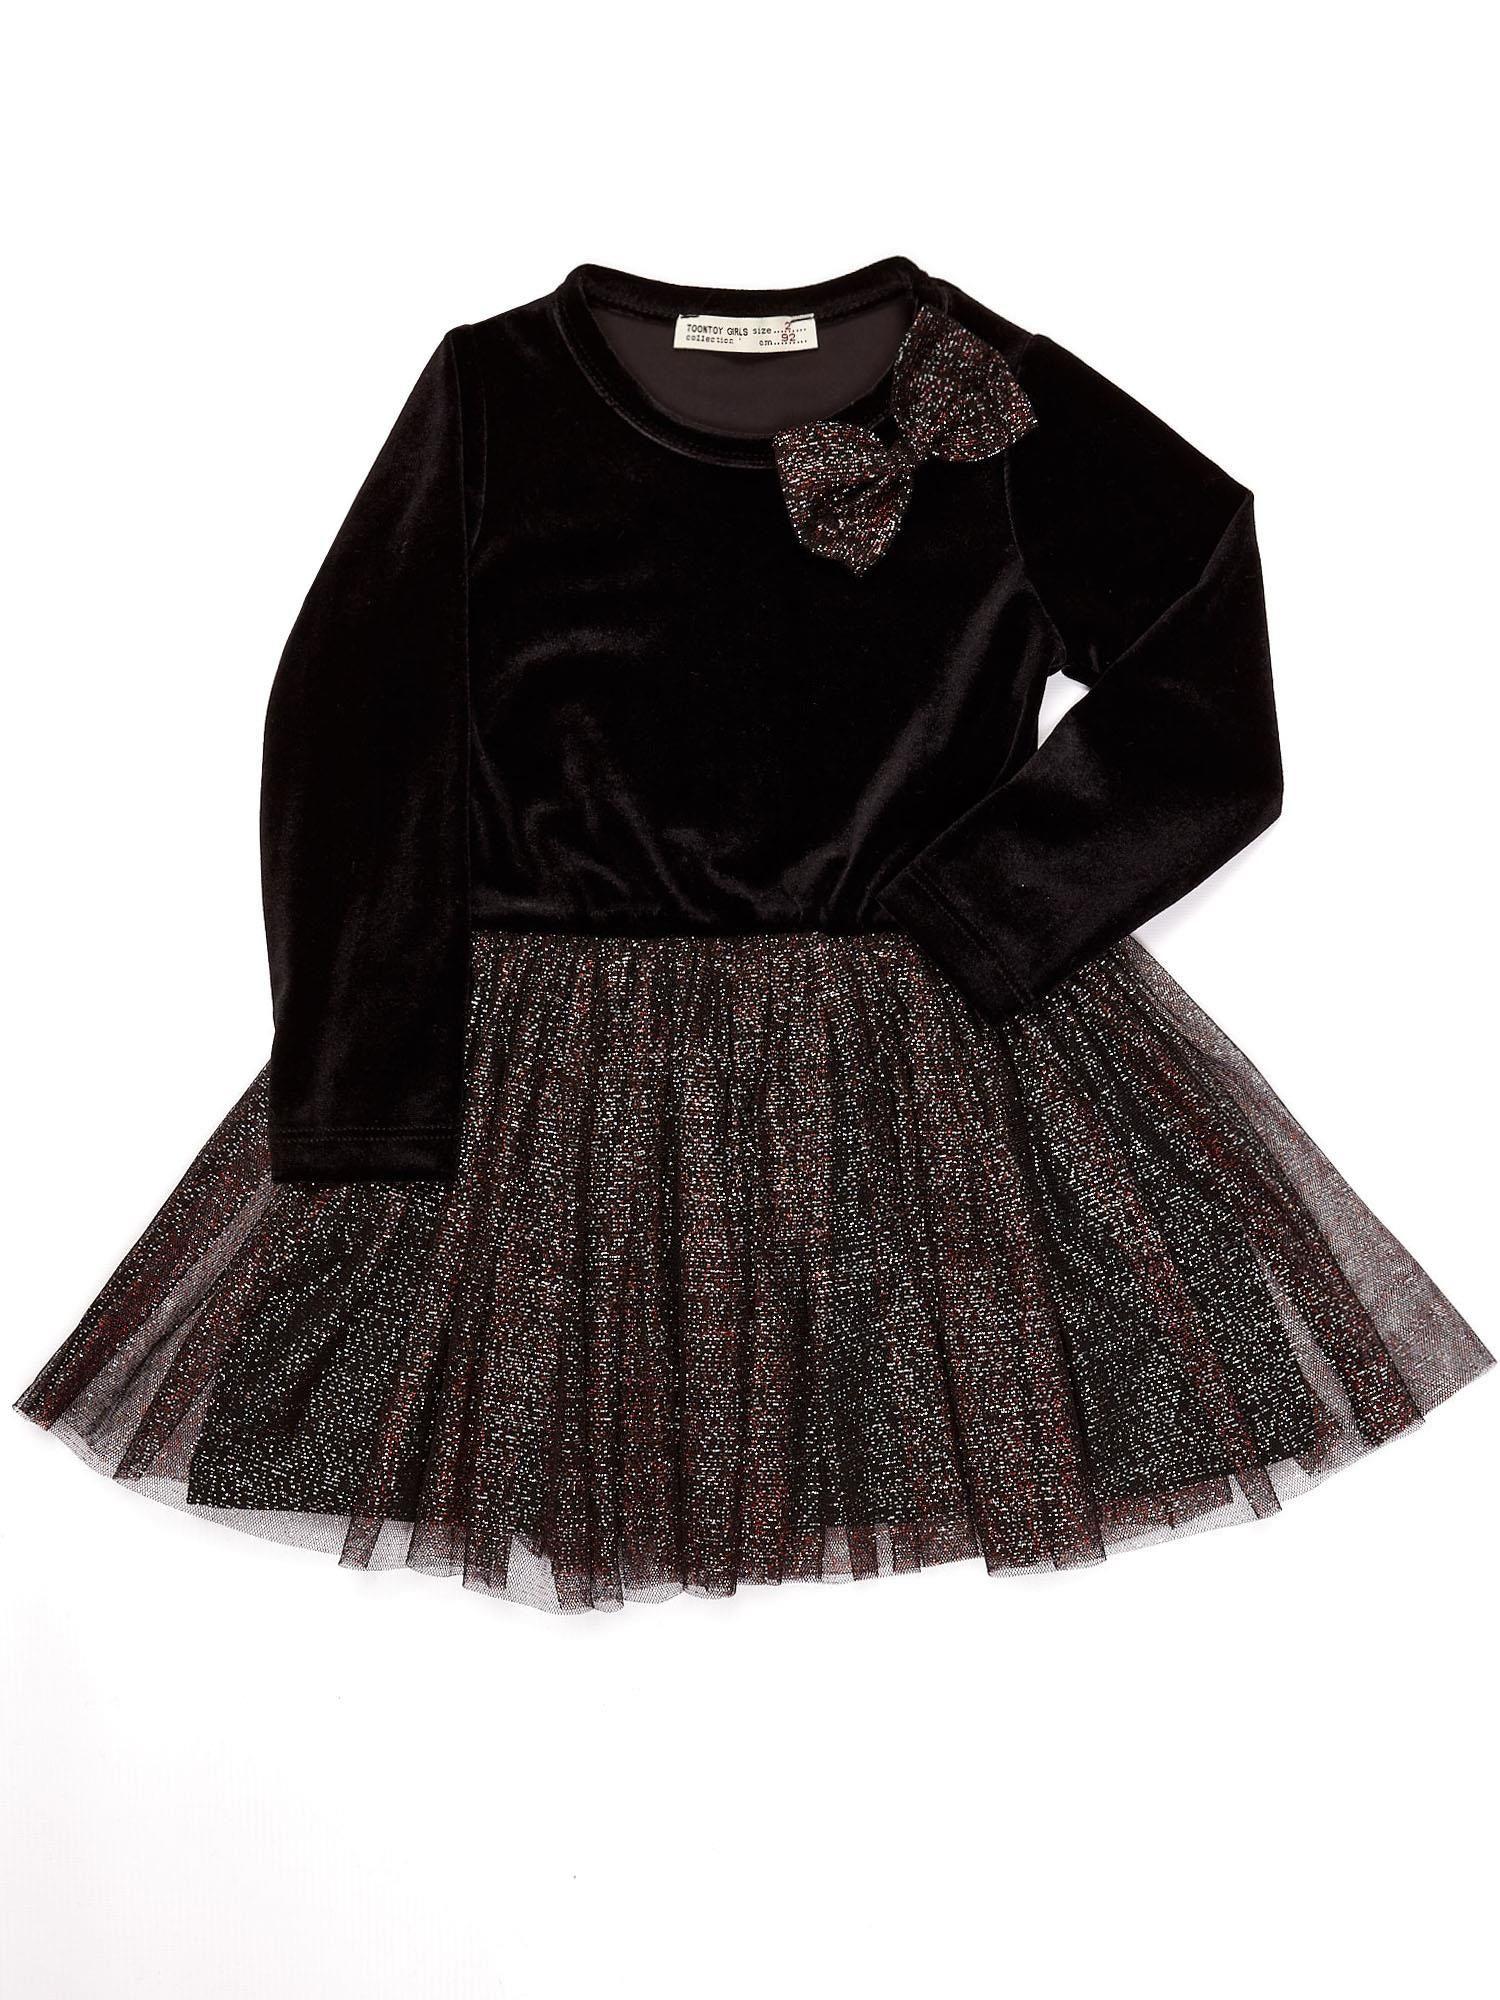 8e3a7af072 Czarna aksamitna sukienka dla dziewczynki - Dziecko Dziewczynka ...